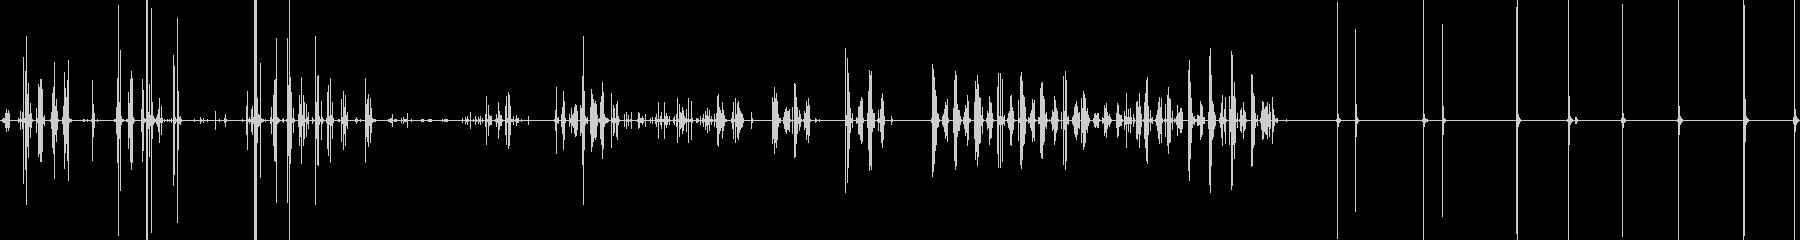 プラスチックのビーズ同士がぶつかる音の未再生の波形